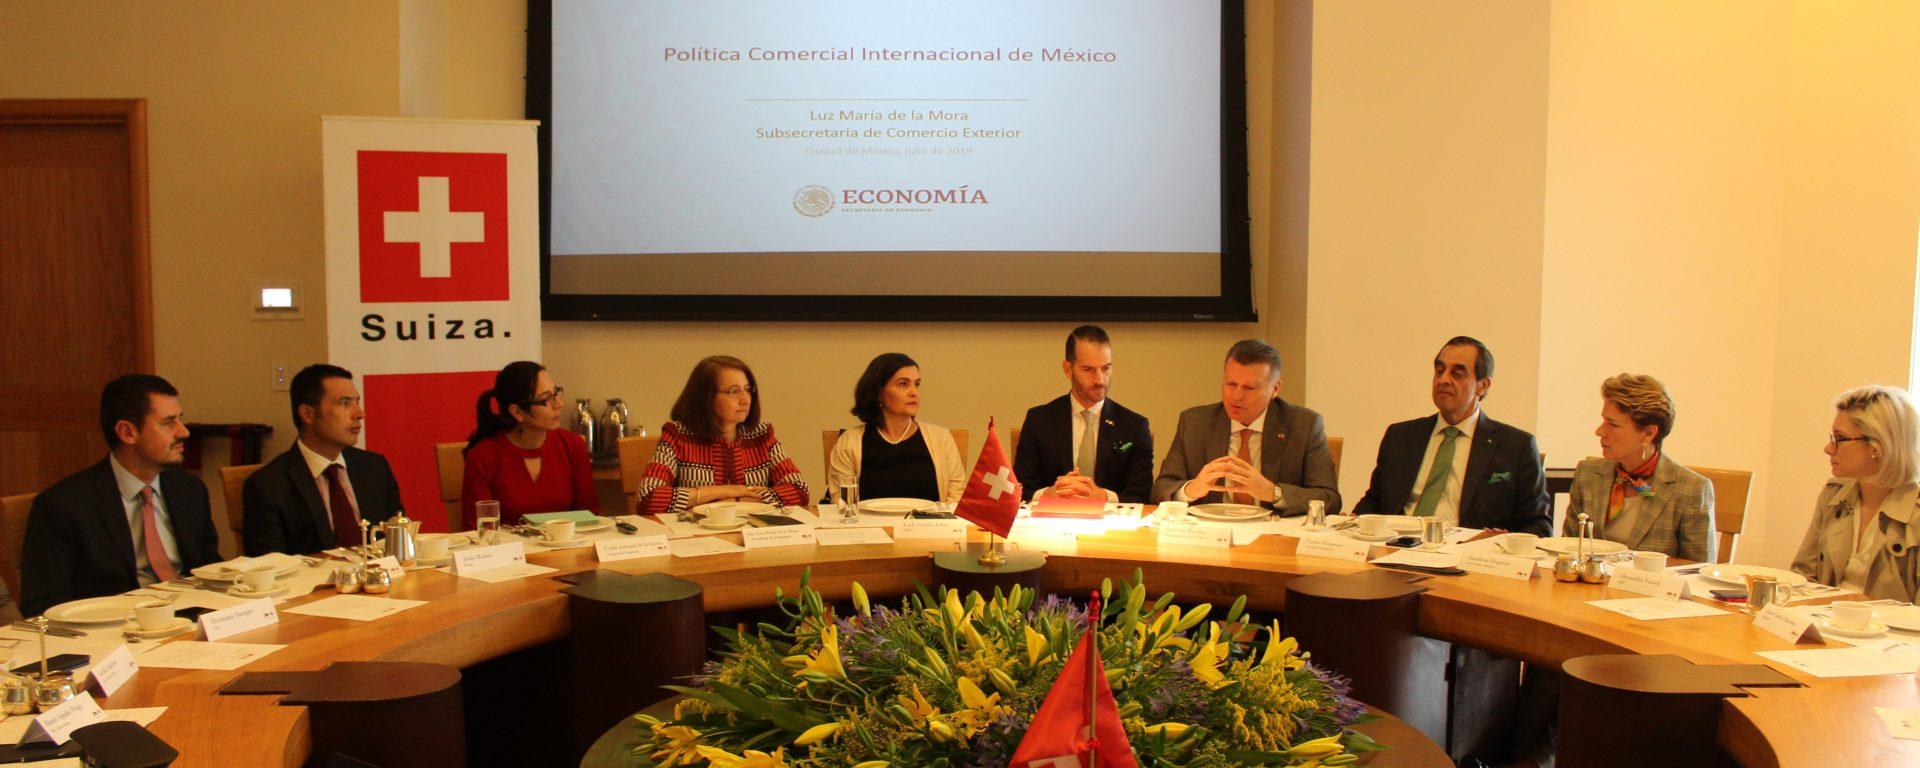 Desayuno conferencia con la Subsecretaria de Comercio Exterior, Luz María de la Mora